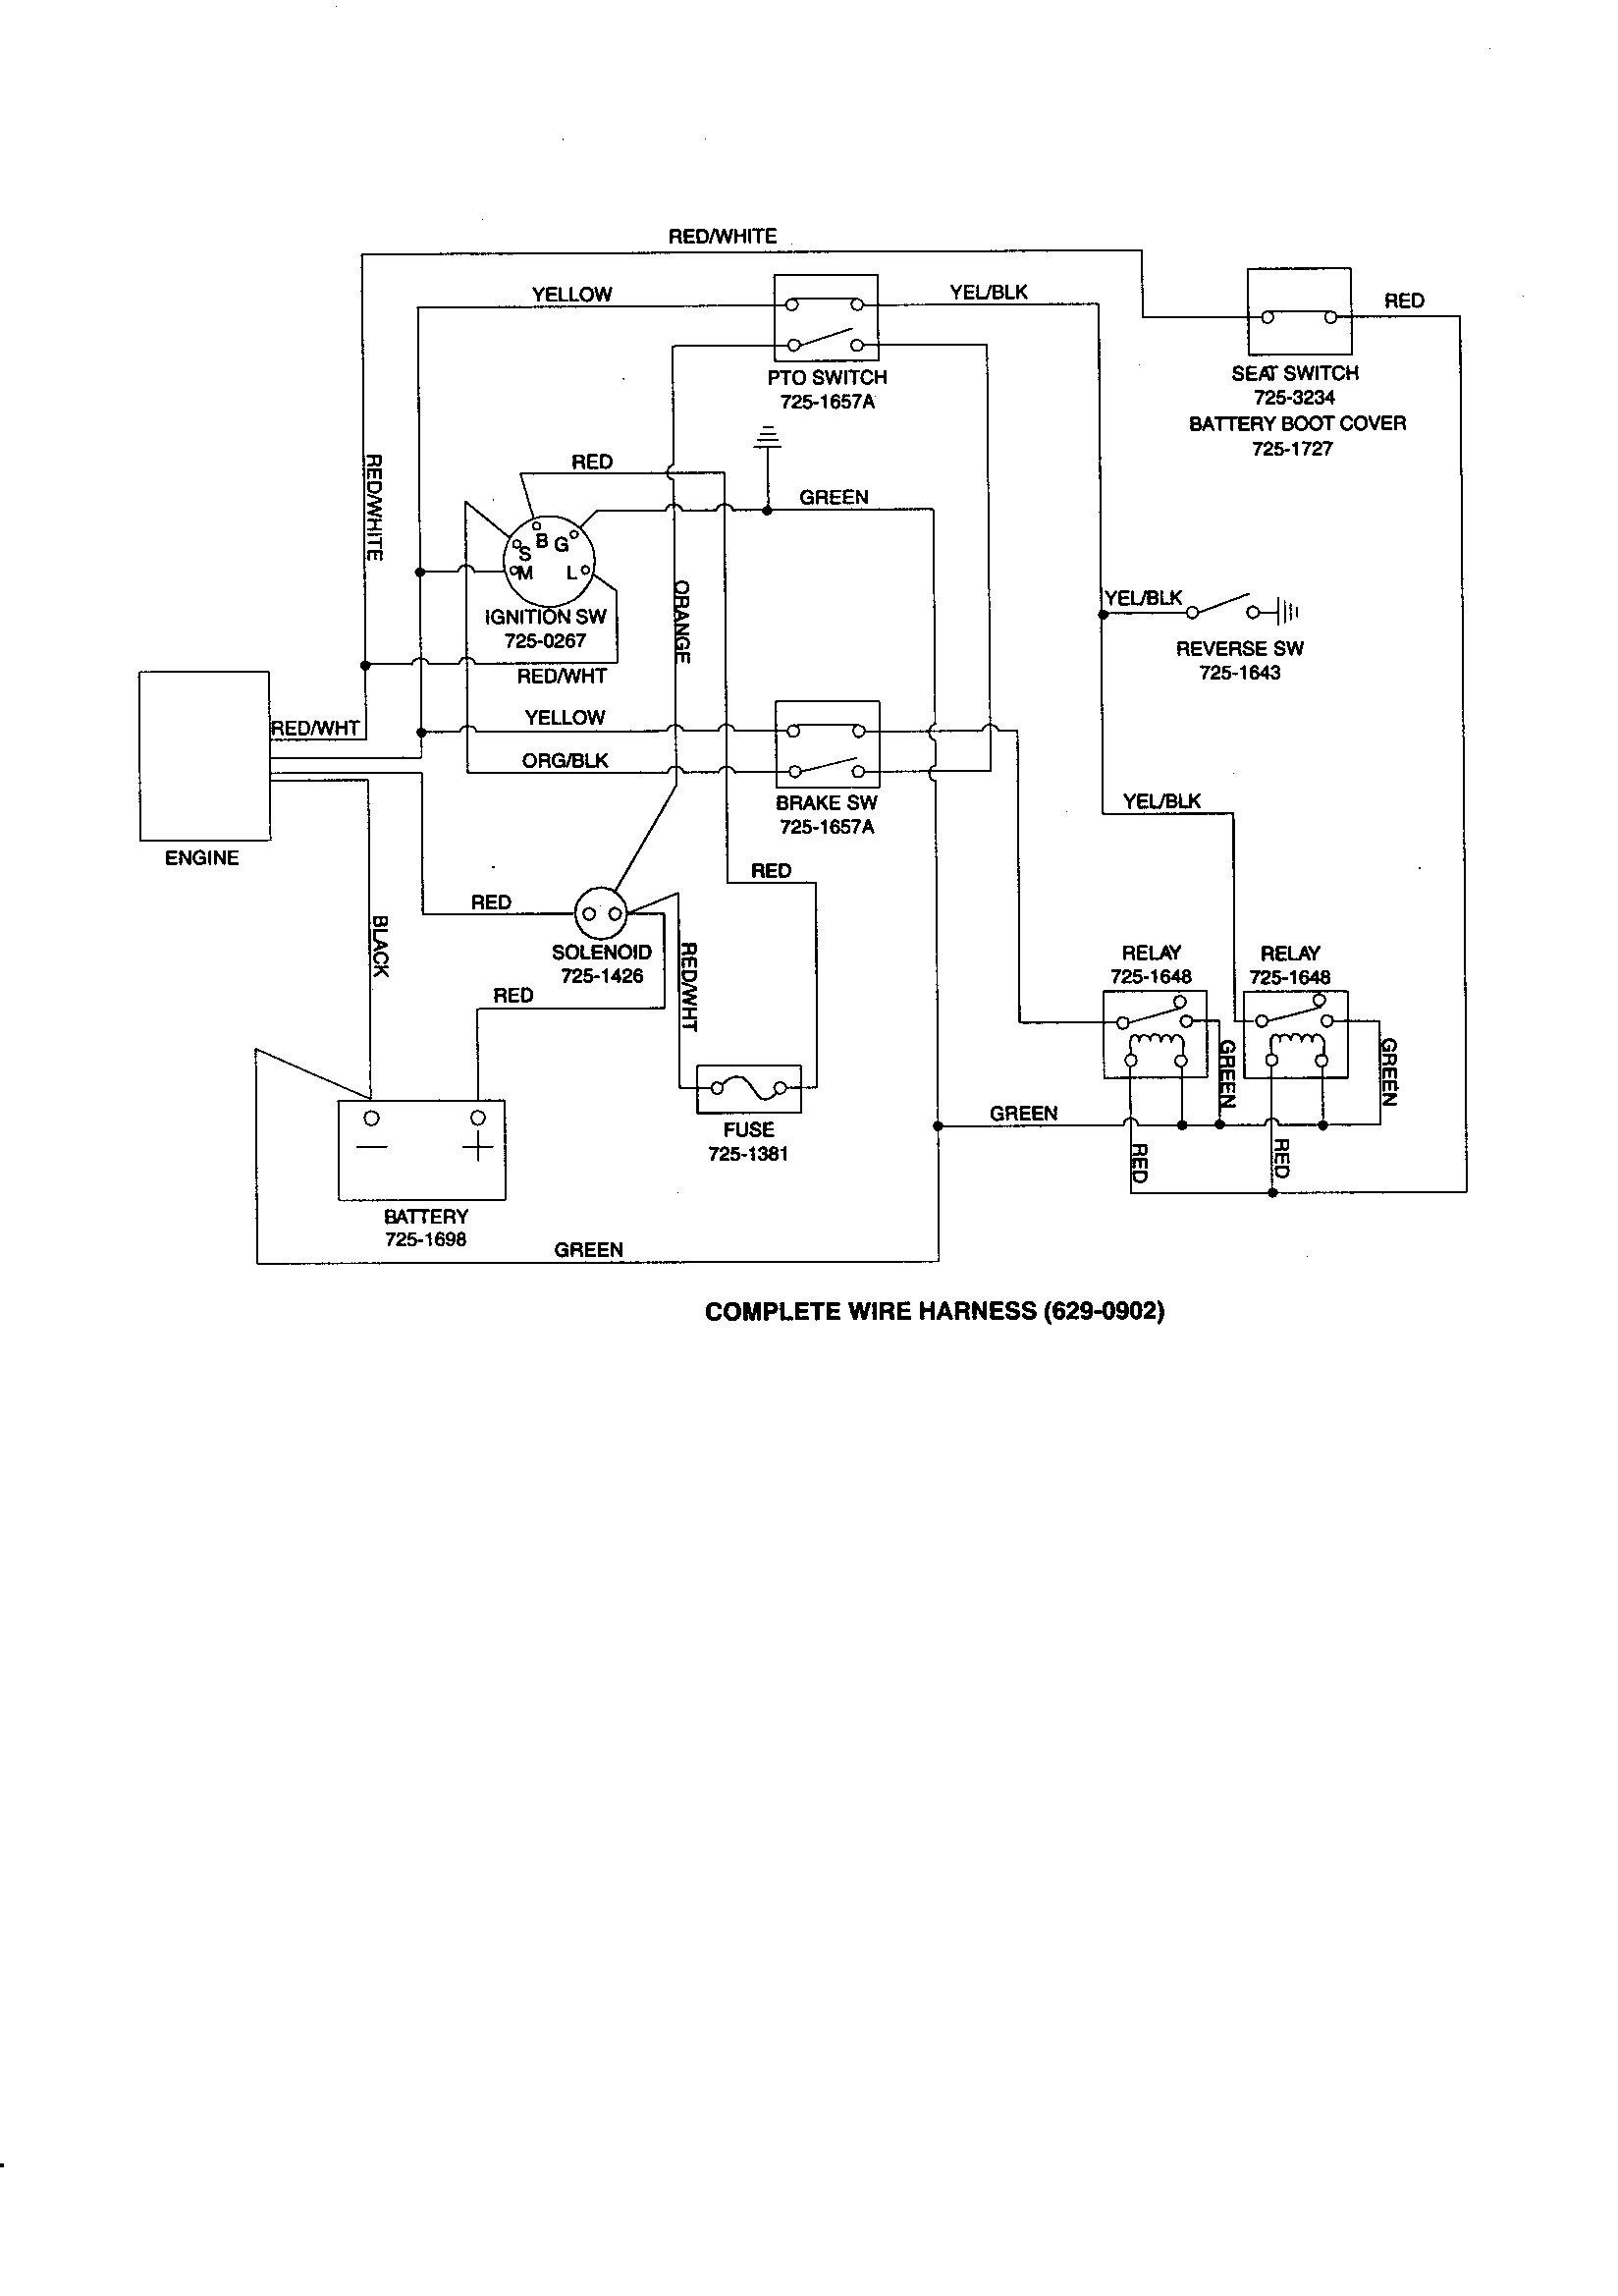 Wiring Diagram for Yardman Riding Mower Inspirationa Craftsman Riding Mower Wiring Diagram